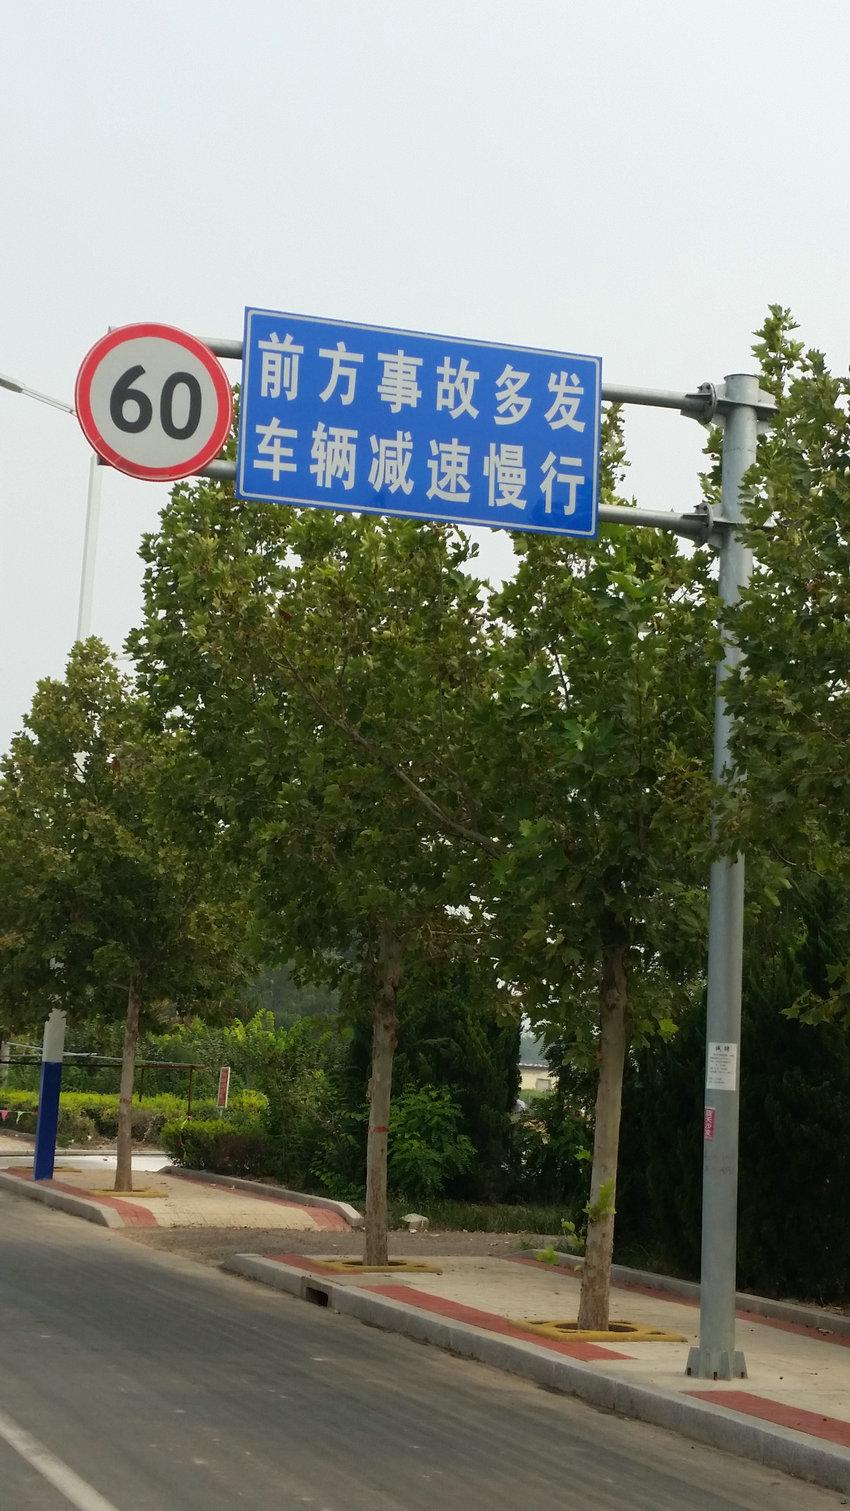 道路交通標志 (2)